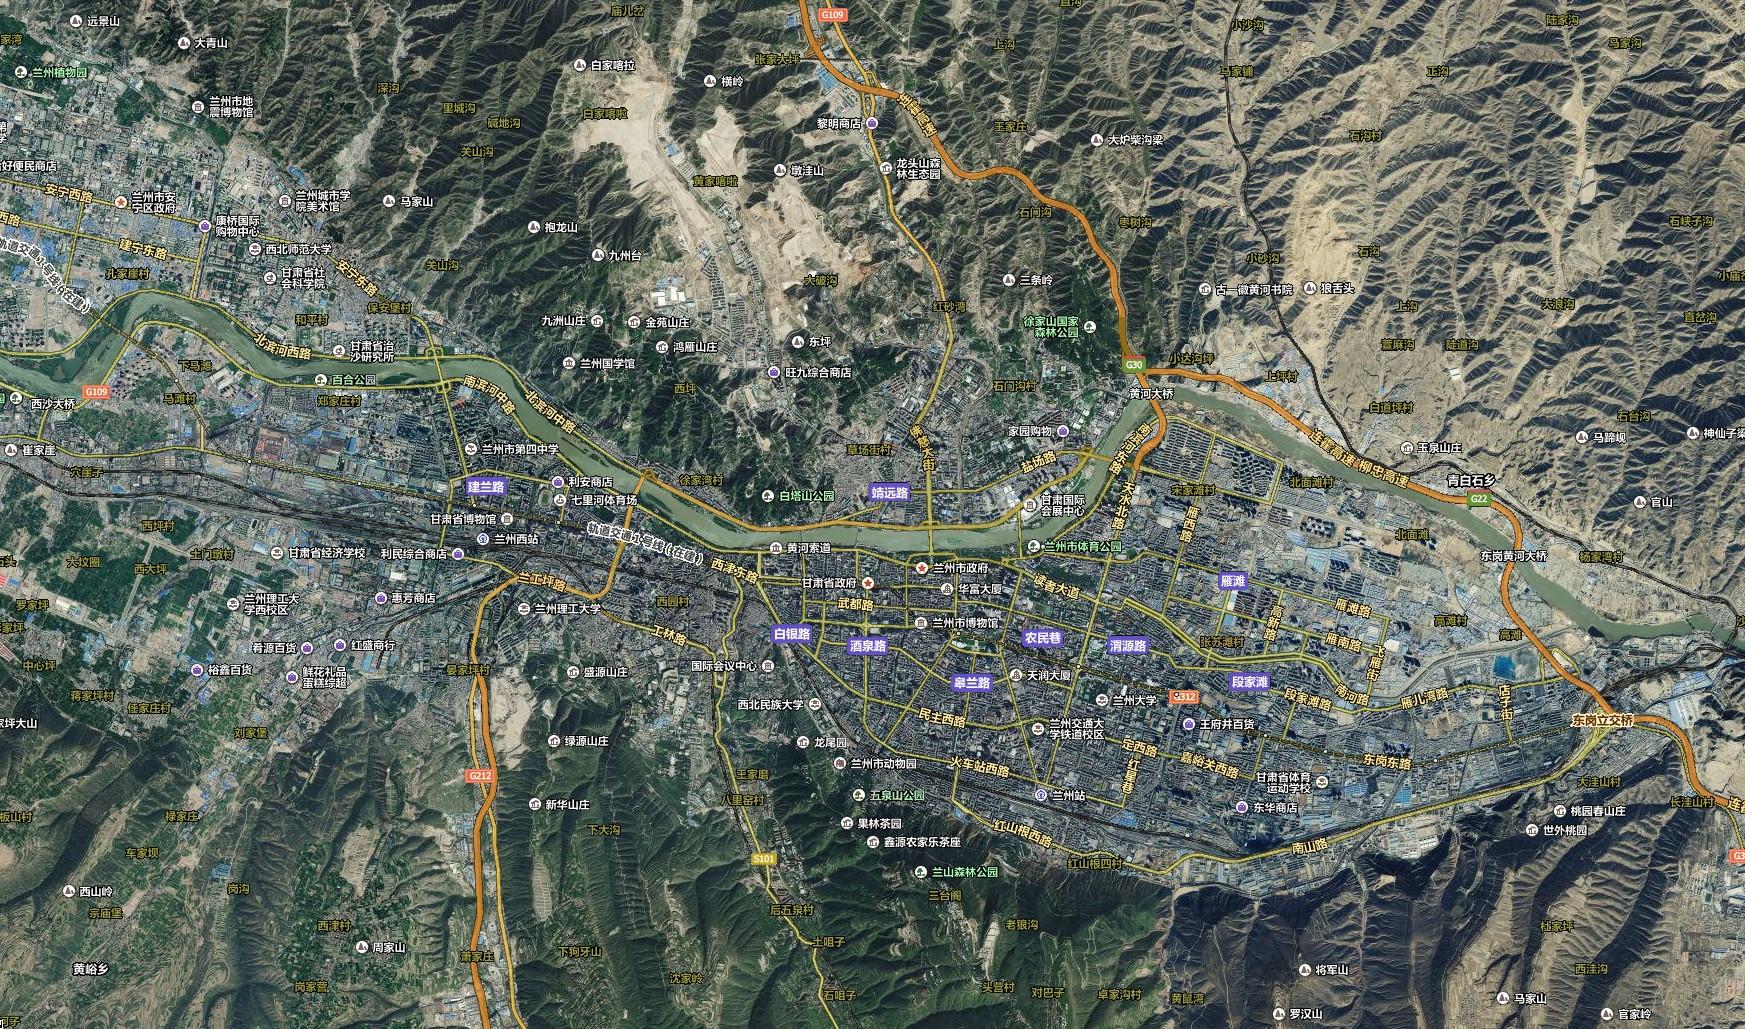 旅游簡圖  必游景點  重要景區  旅游線路圖  景點分布圖  衛星地圖